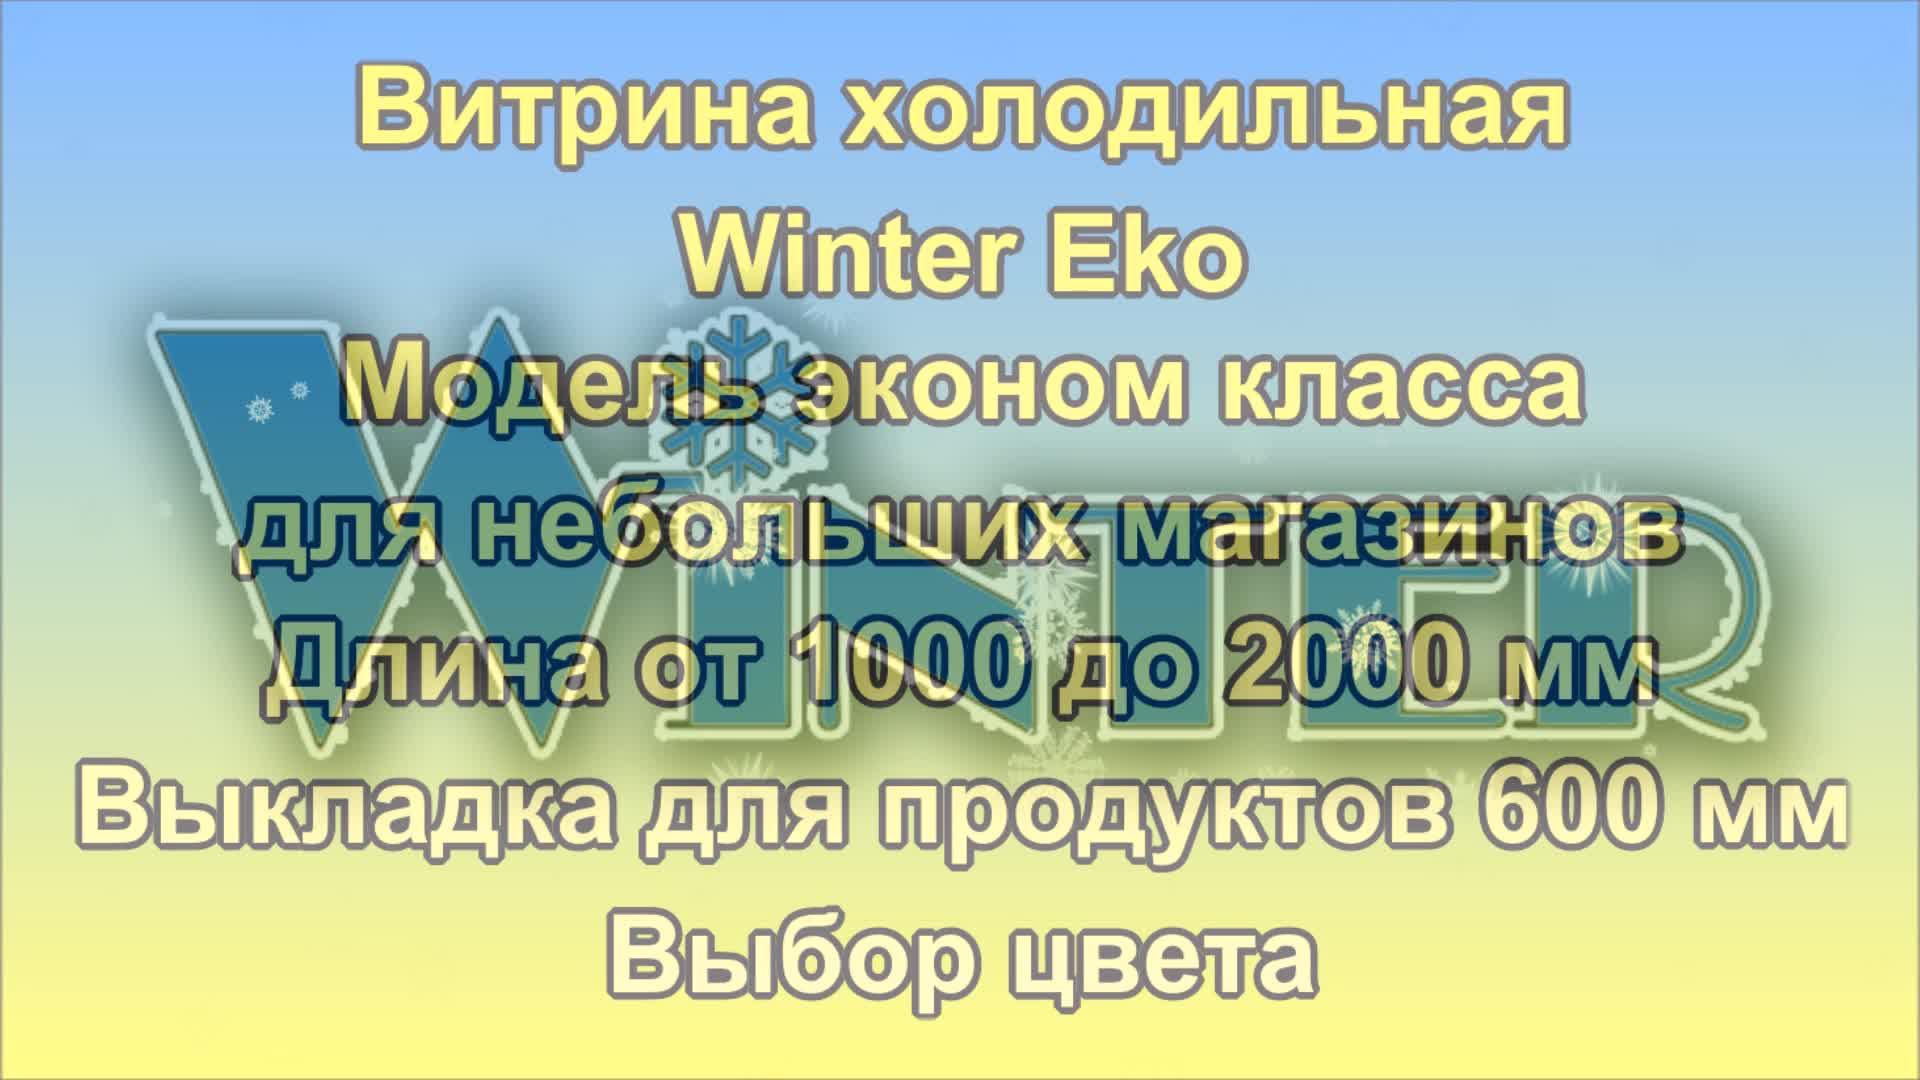 Витрина холодильная Winter Prestige.